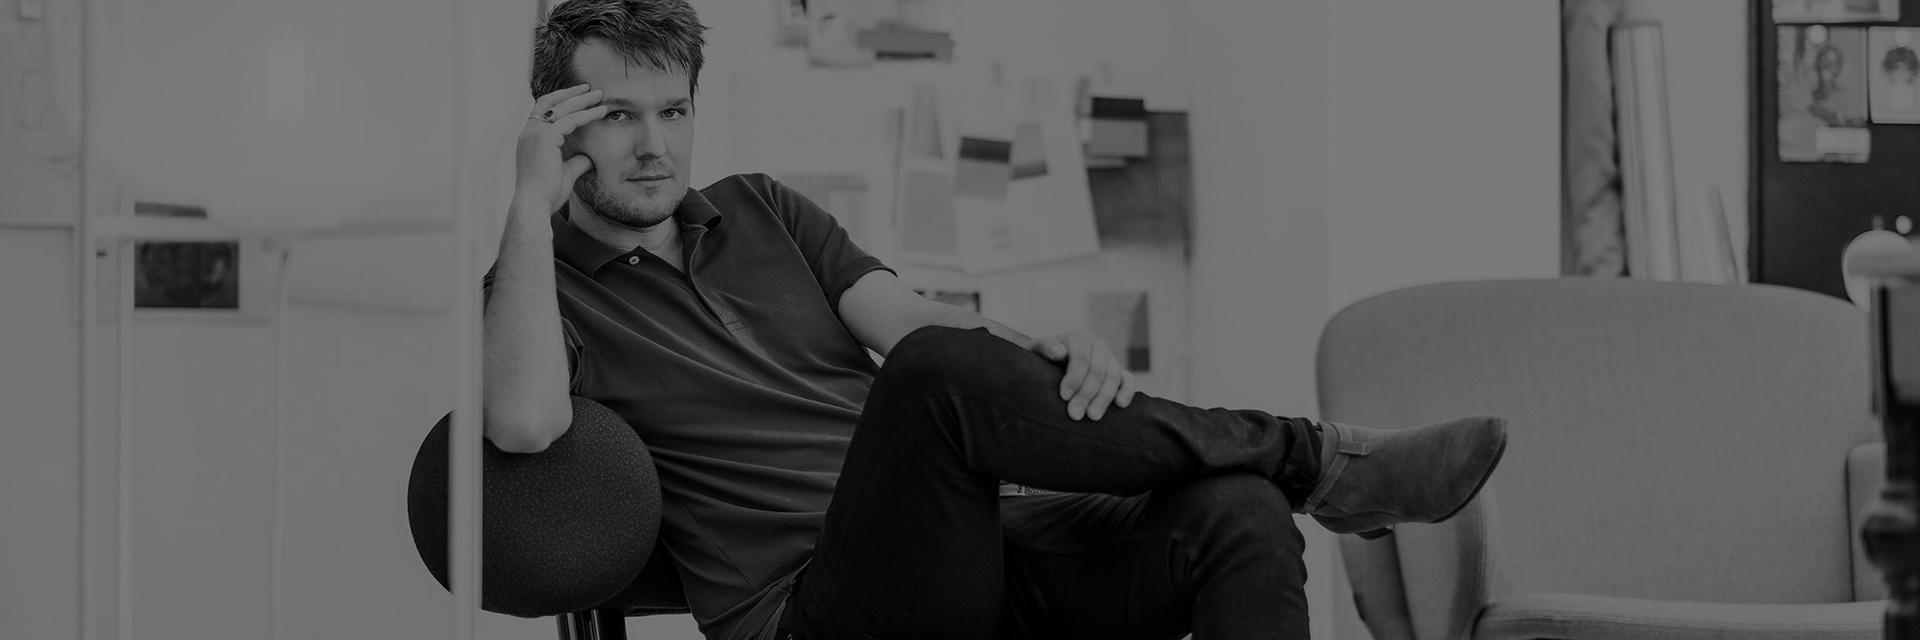 """生于1981年的德国设计师,毕业于奥芬巴赫艺术设计大学,2006年成立了个人设计工作室,受委托为ClassiCon、Gervasoni、Moroso、Rosenthal等一系列家居家具品牌设计产品。与此同时他还参与多项展览陈设、室内装潢等空间项目的设计与施工,并将2011年度德国设计新人奖、科隆家具展最佳沟通概念奖、德国红点设计奖等等奖项收入囊中。 他骨子里有着日耳曼人生来对自然的爱。他从不过度依赖科技,每件产品的设计都坚持""""形随机能""""的原则,对木材、纺织品、铜、铁等传统材质的运用谙熟于心。他希望自己的每件作品都能够保持精简,易于解读,让使用者真正能够理解这件物品的话述,并感到舒适愉悦。"""